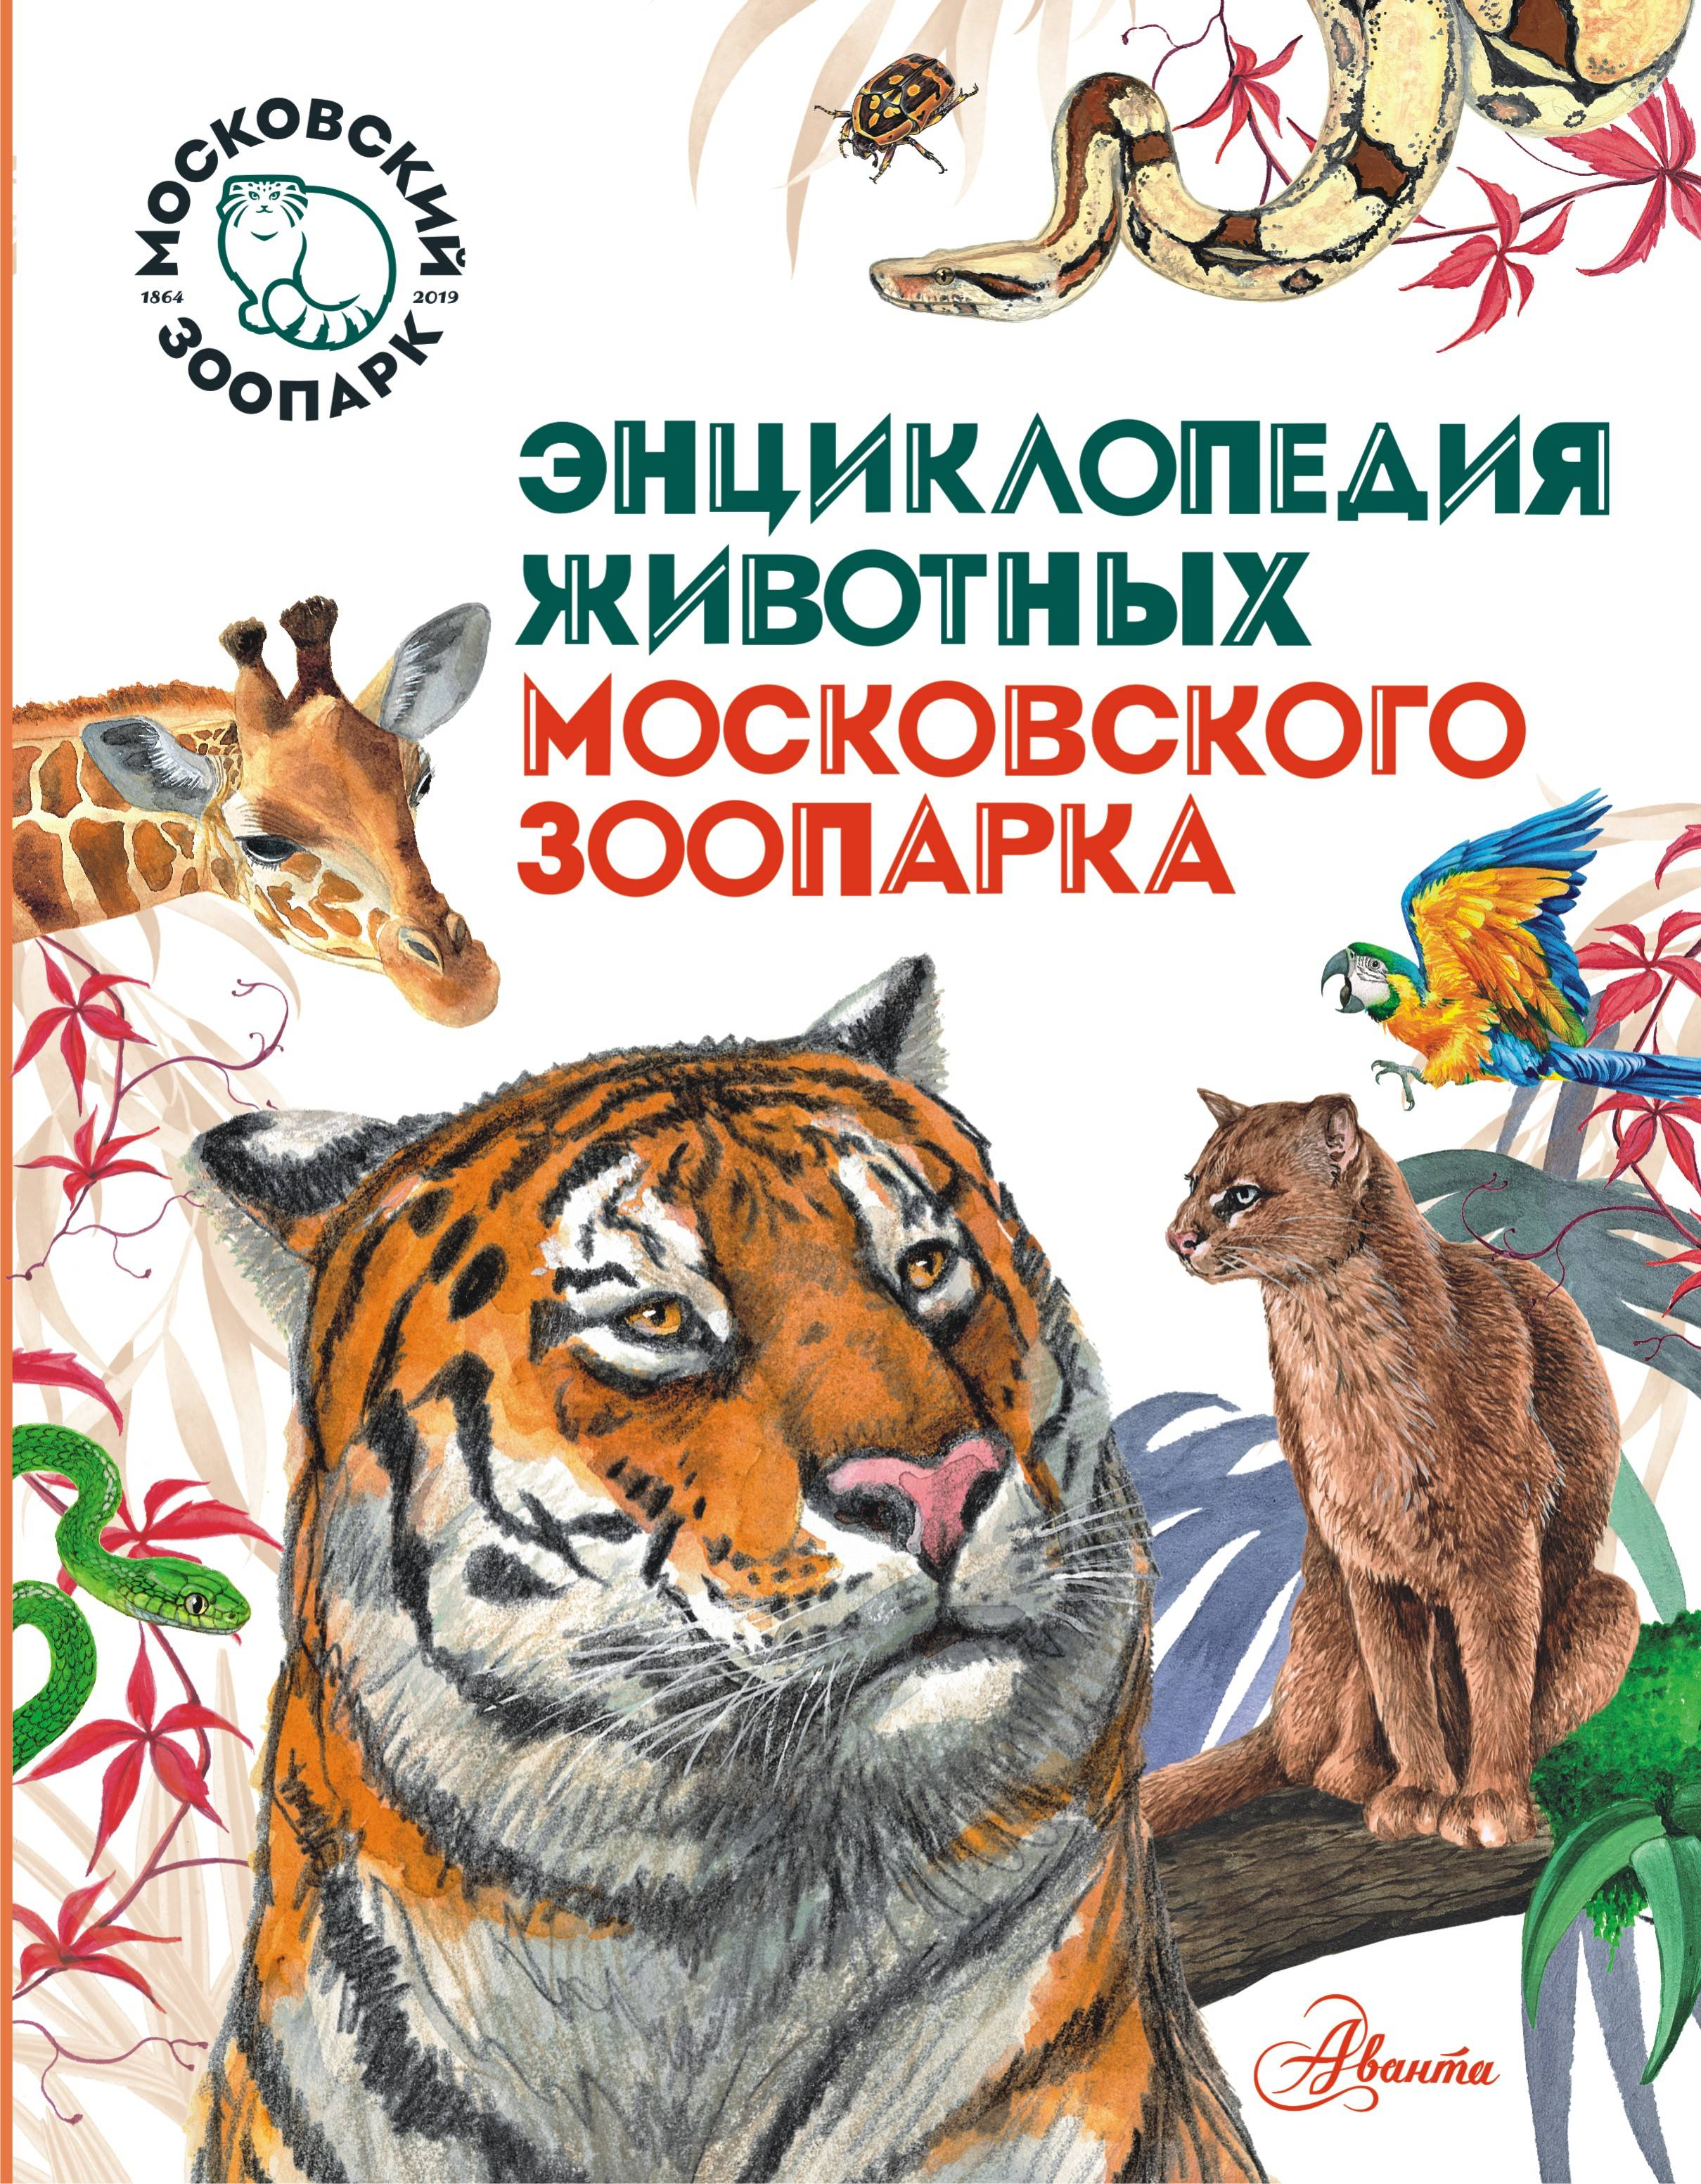 Entsiklopedija zhivotnykh Moskovskogo zooparka